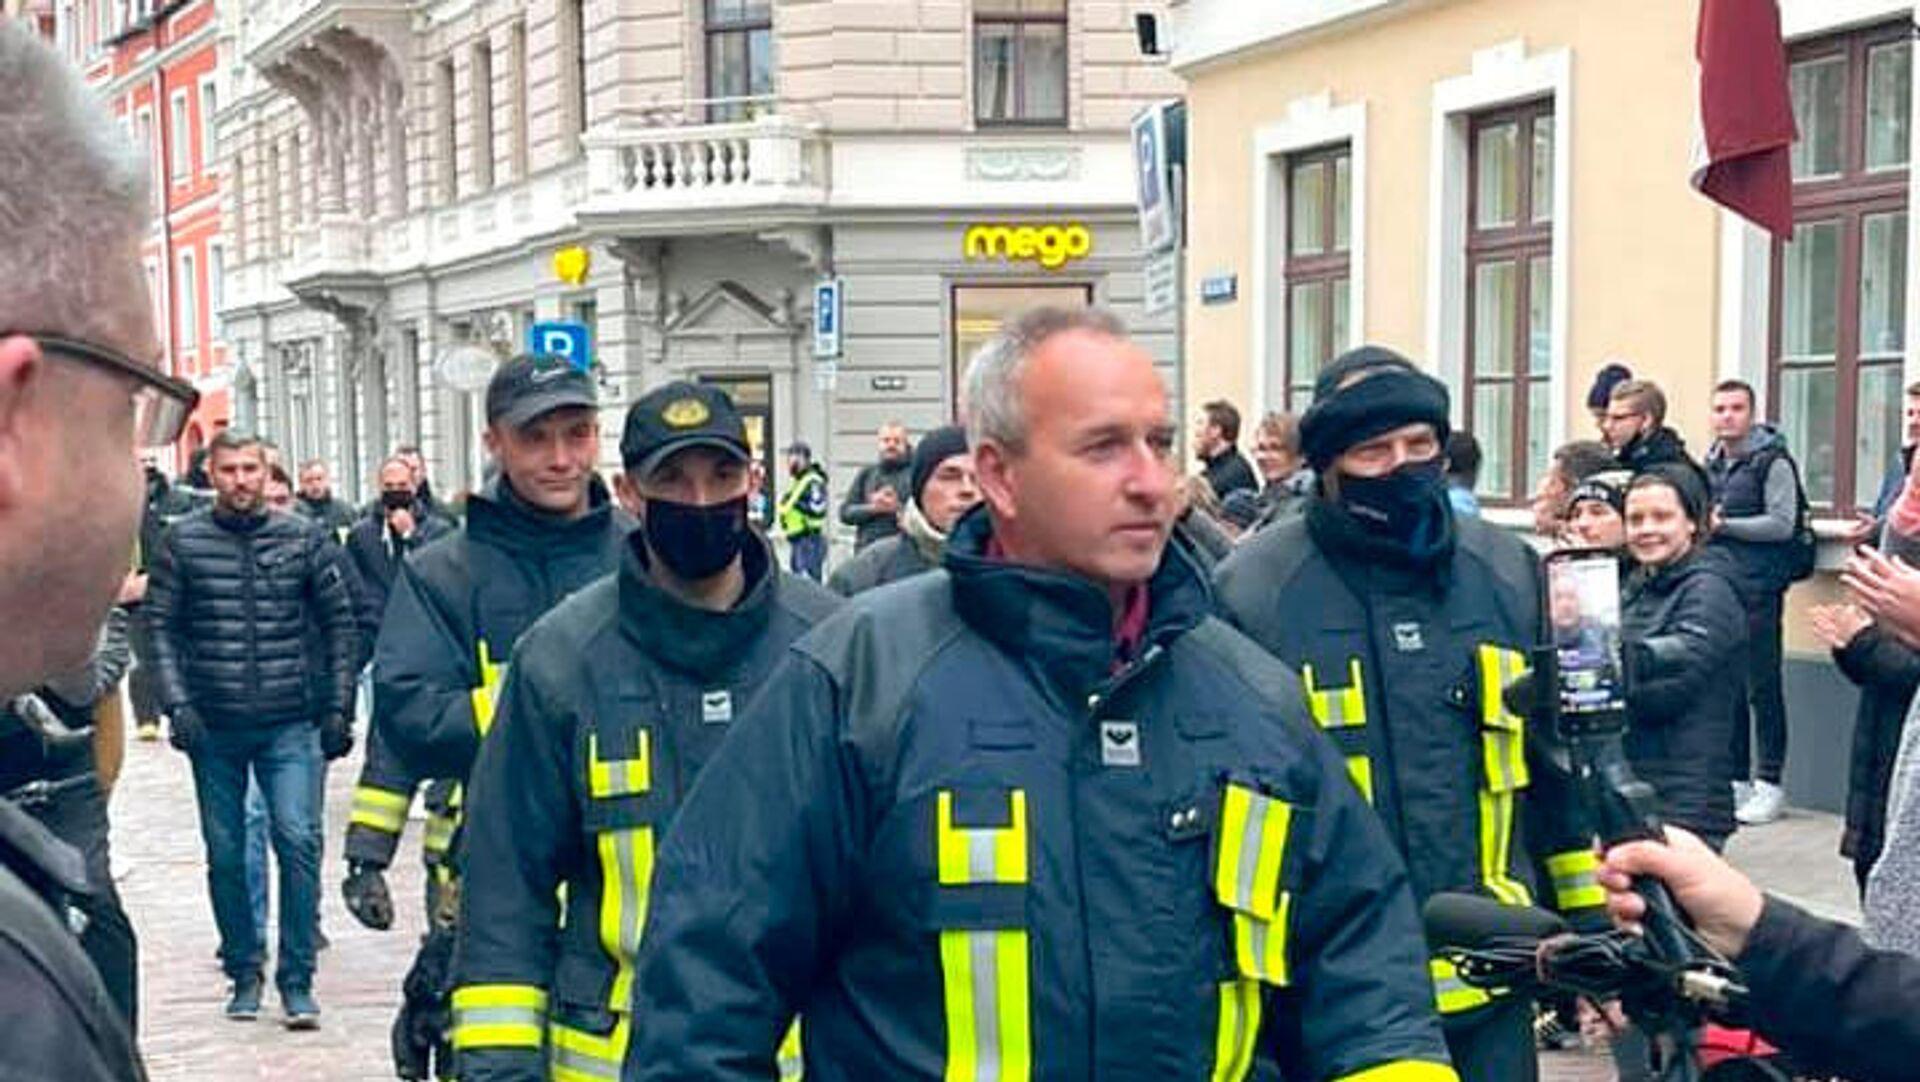 Пожарные протестуют у Сейма Латвии - Sputnik Латвия, 1920, 14.10.2021